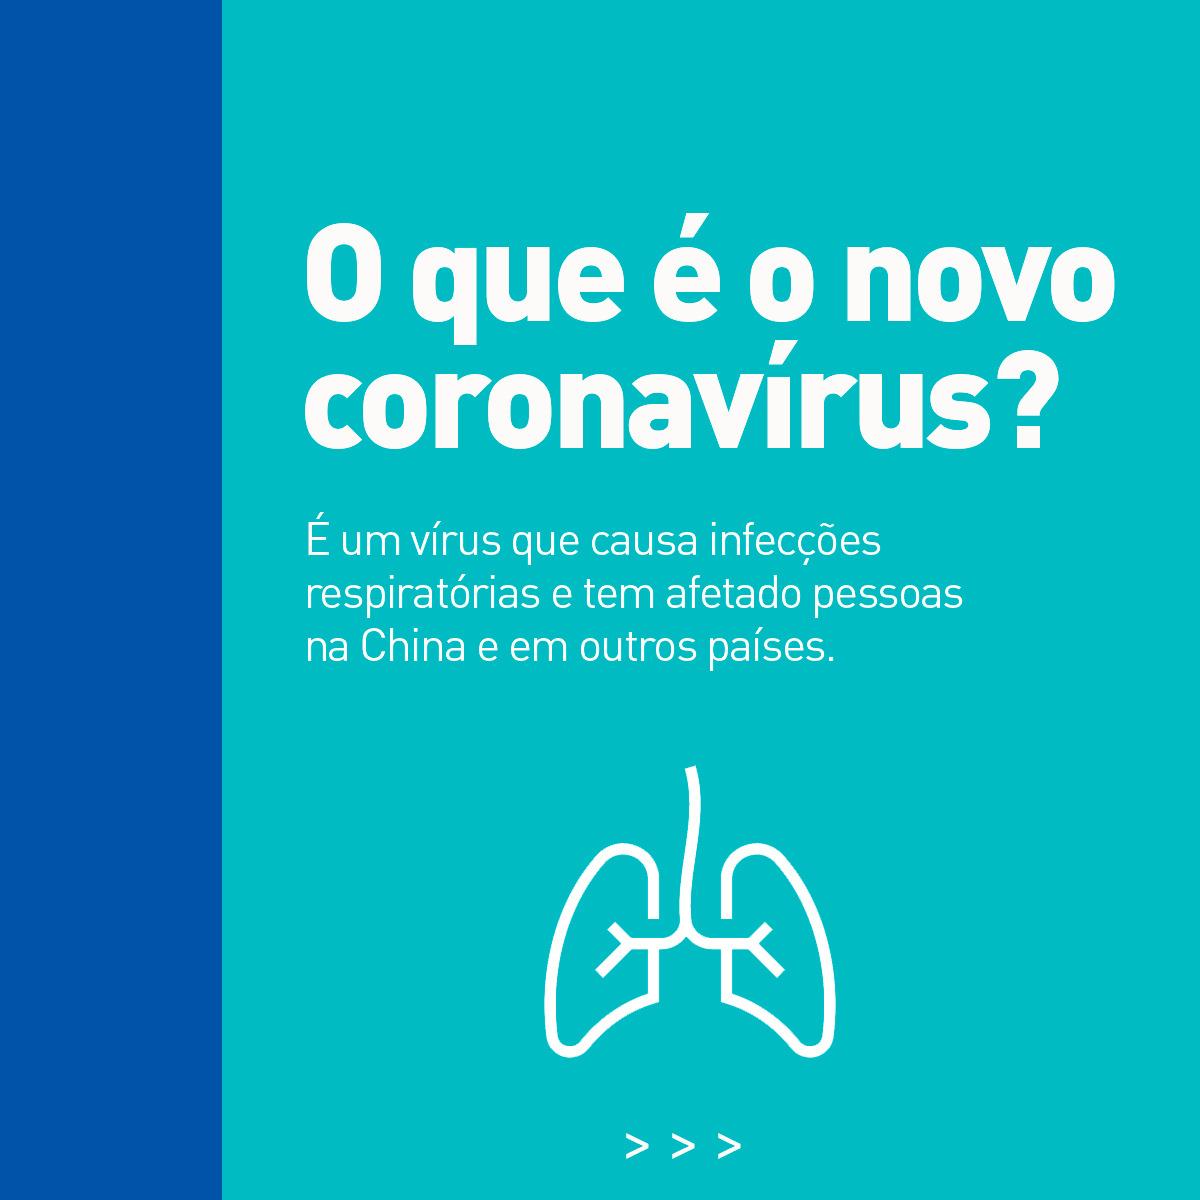 Nos últimos dias, um novo vírus tem ocupado os noticiários e preocupado o mundo todo. É o novo coronavírus, uma família viral que causa problemas respiratórios sérios. Saiba o que é, os sintomas e os cuidados preventivos arrastando pro lado.#paguemenos #dicasdesaude #coronavirus https://t.co/W0E8roy7GU